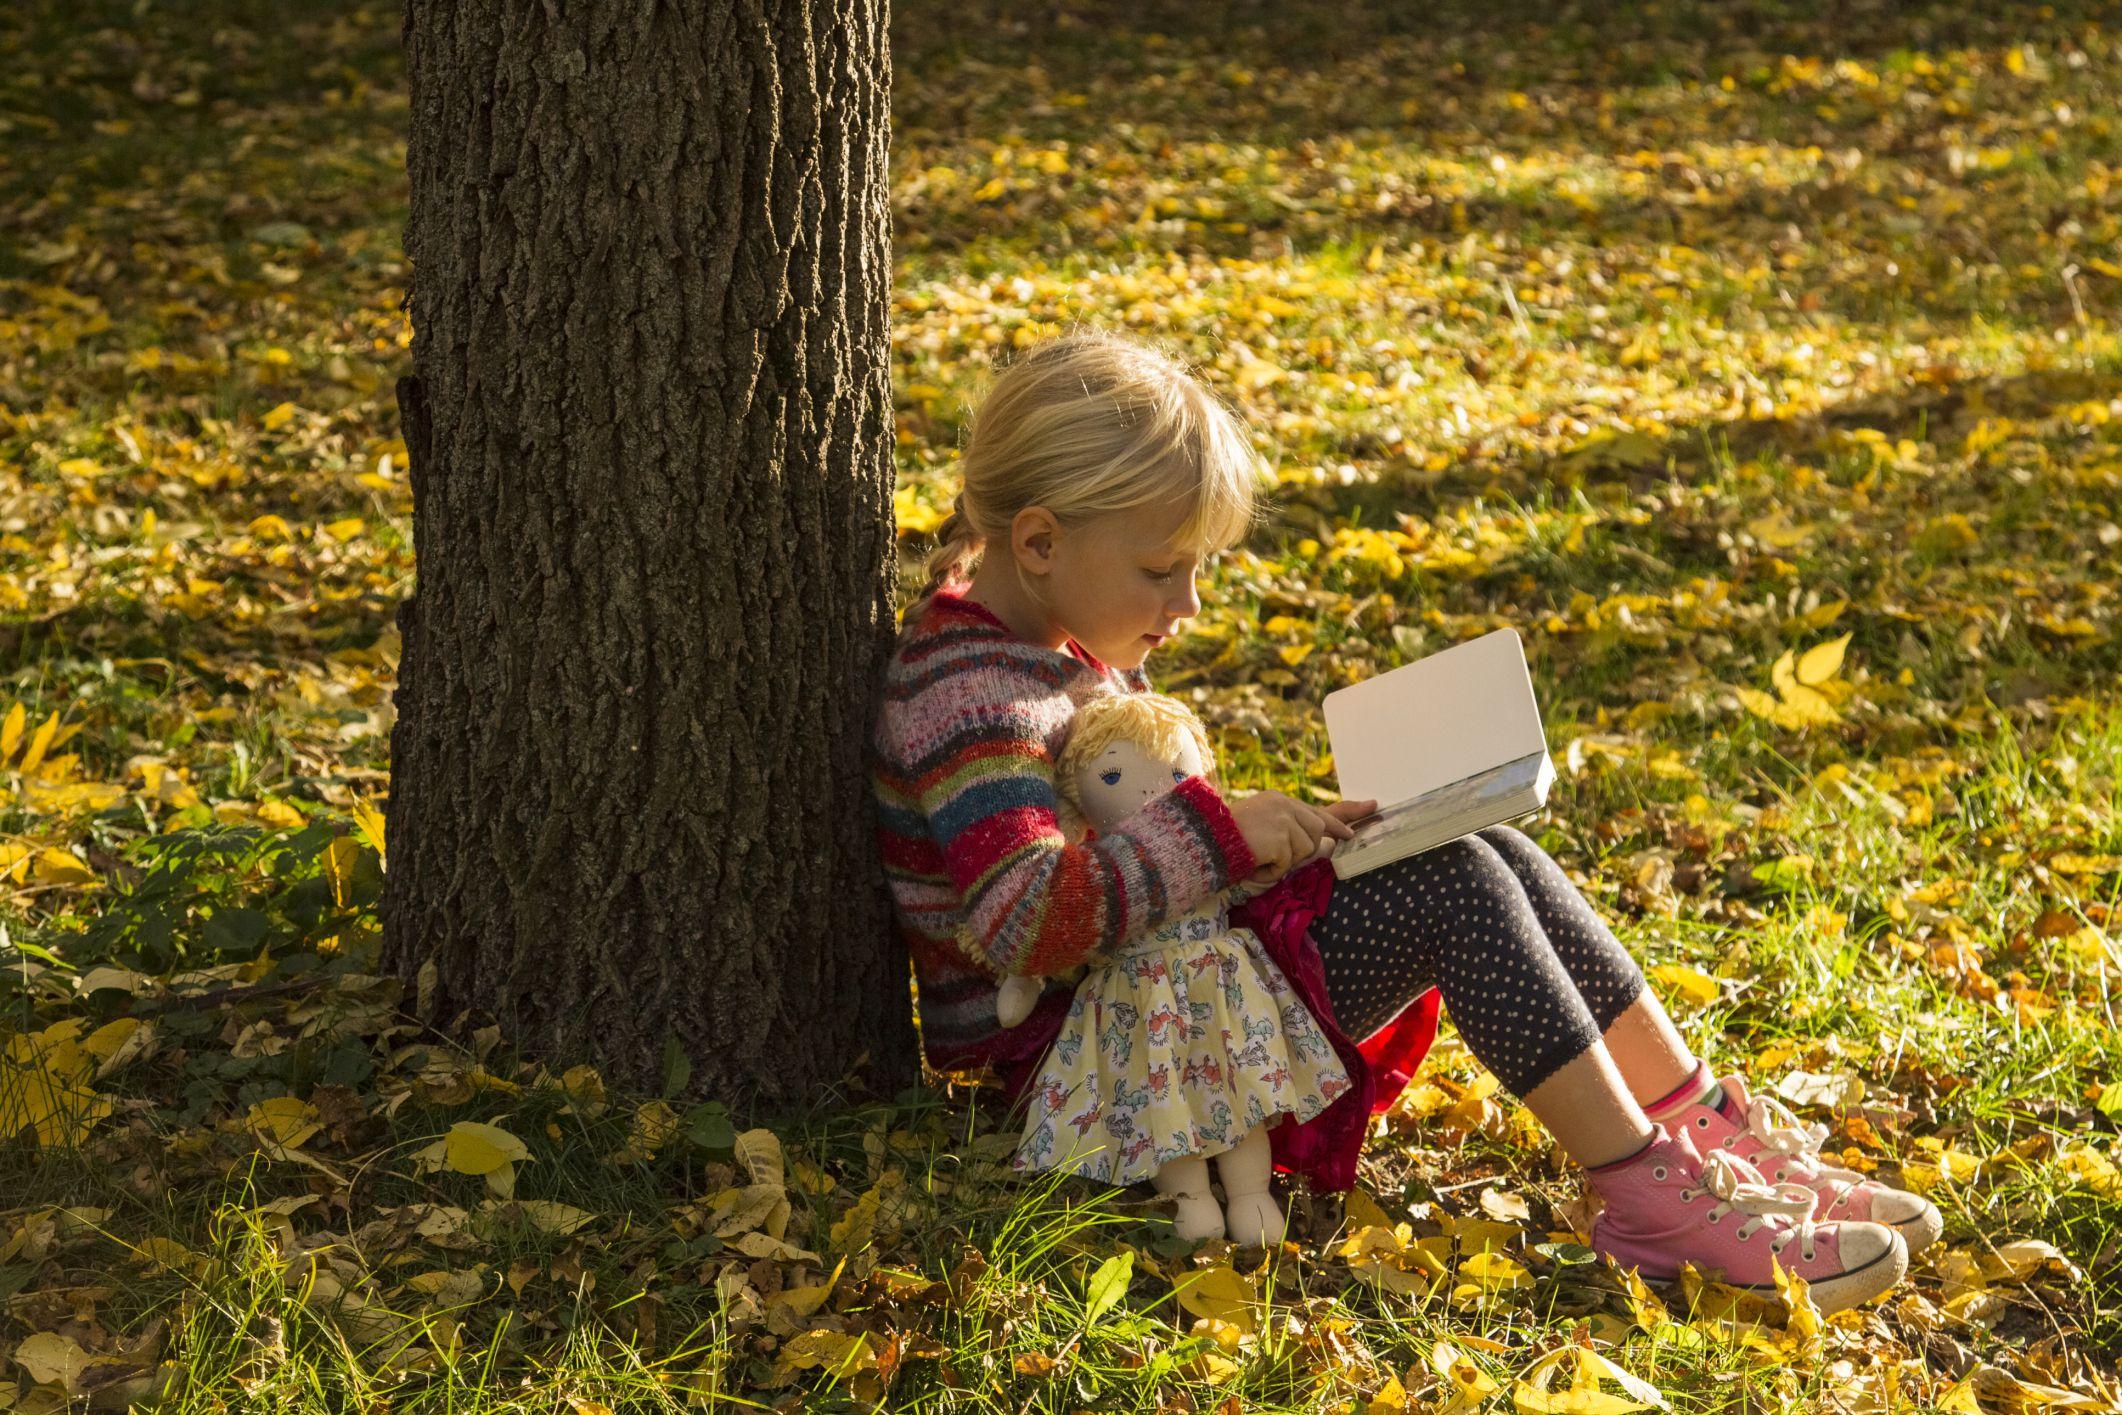 Ein Mädchen, das ein Buch mit ihrer Puppe unter einem Baum liest.